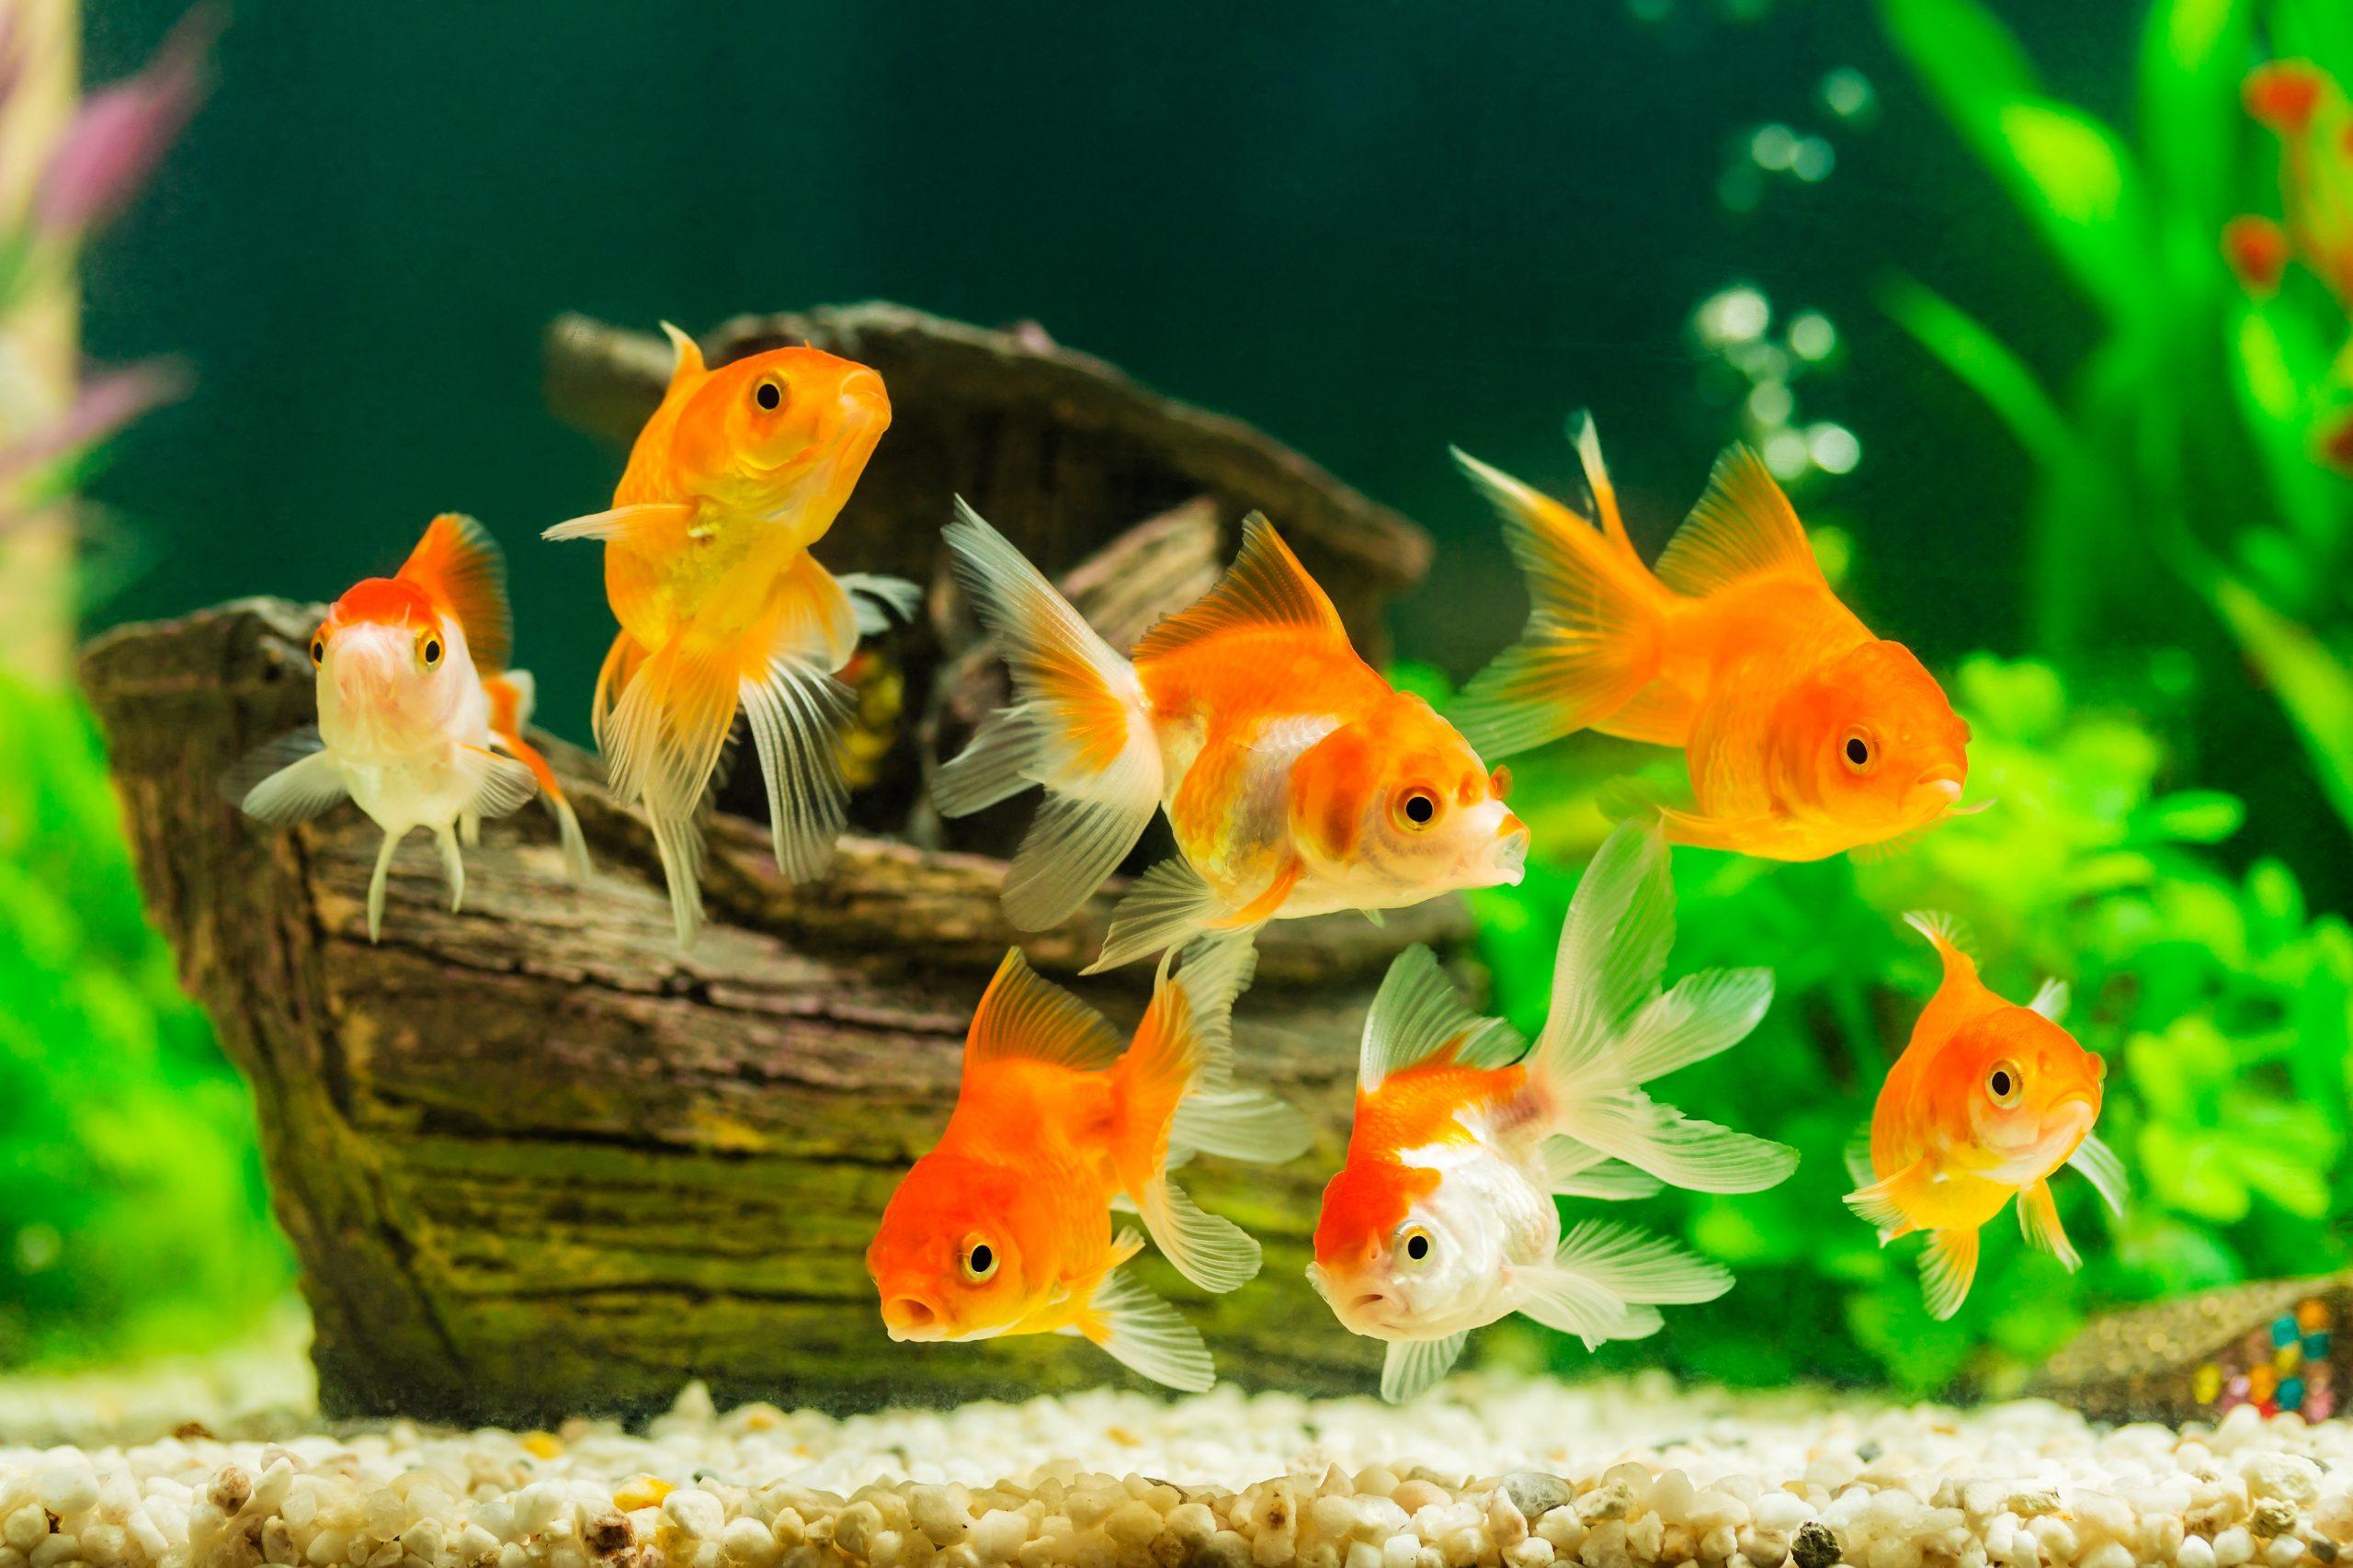 Fischfutter: Test & Empfehlungen (11/20)